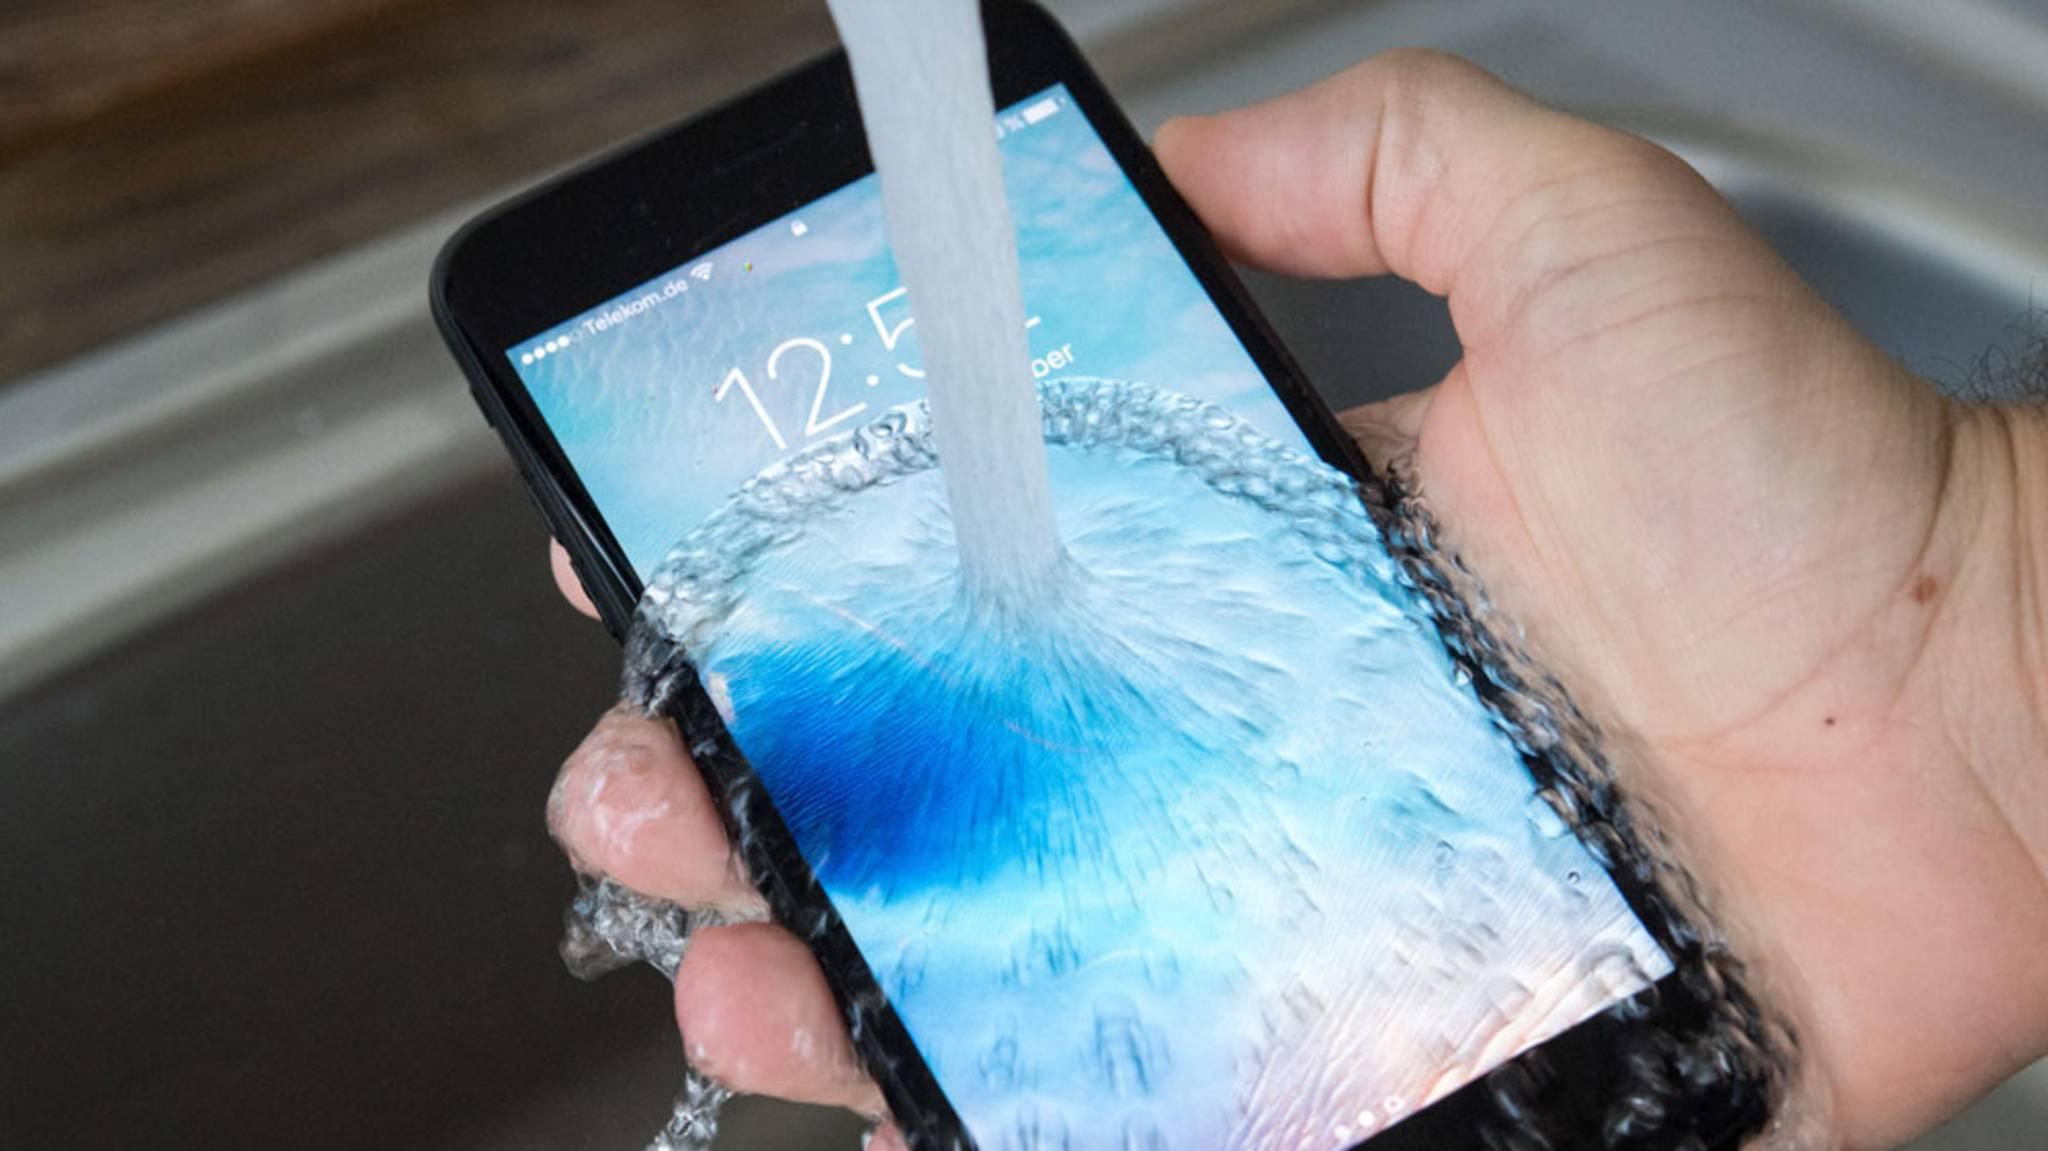 iphone x geht nicht an wasser